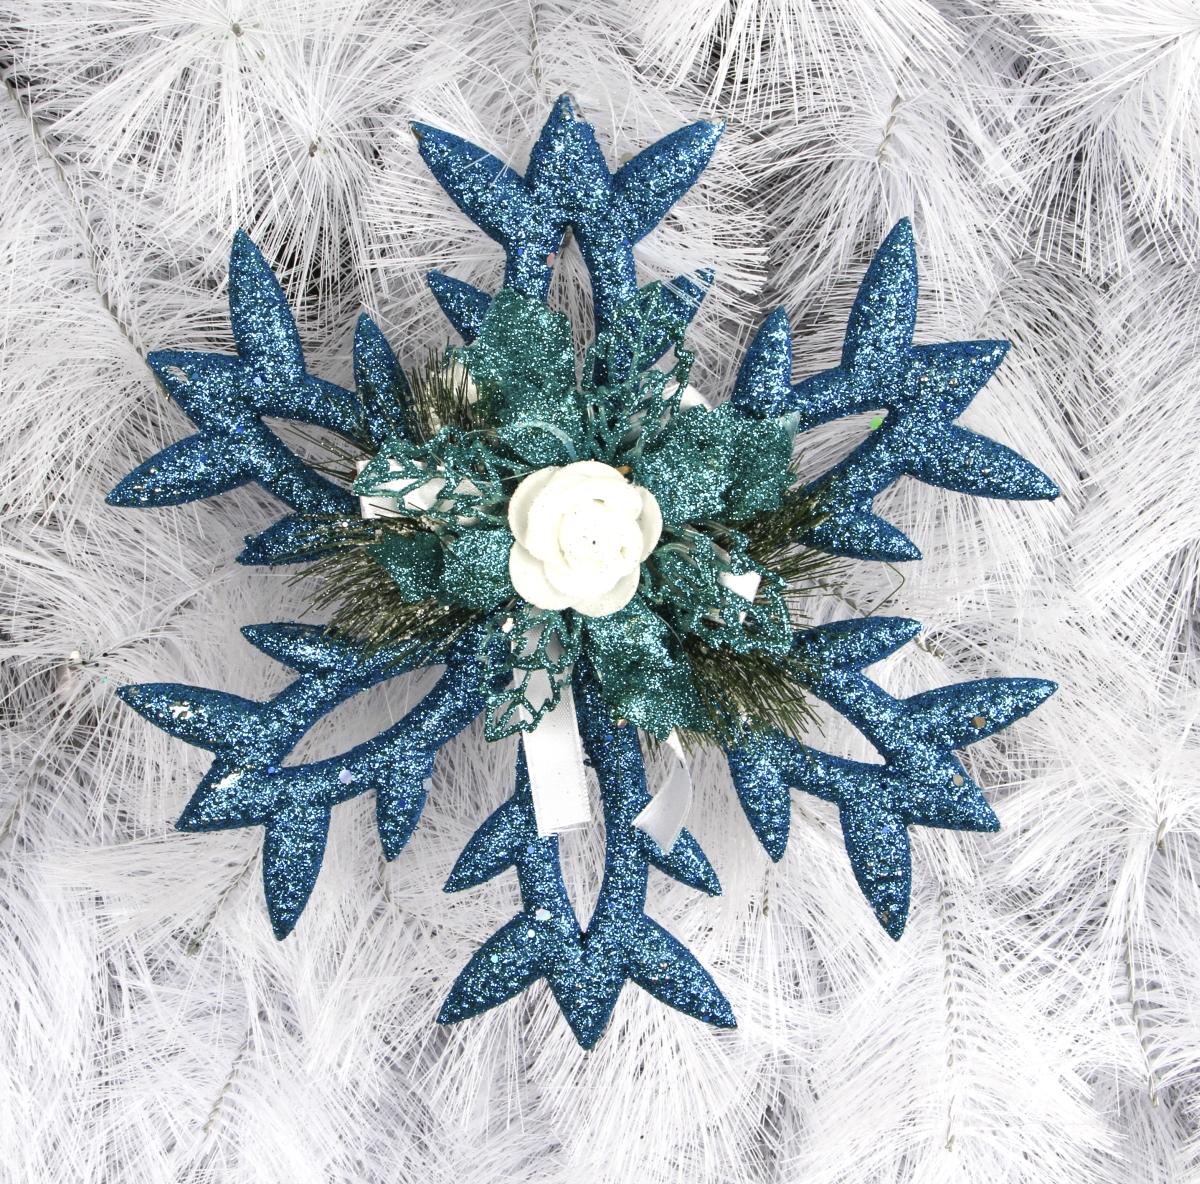 Závěsná modrá dekorace, ve tvaru vločky